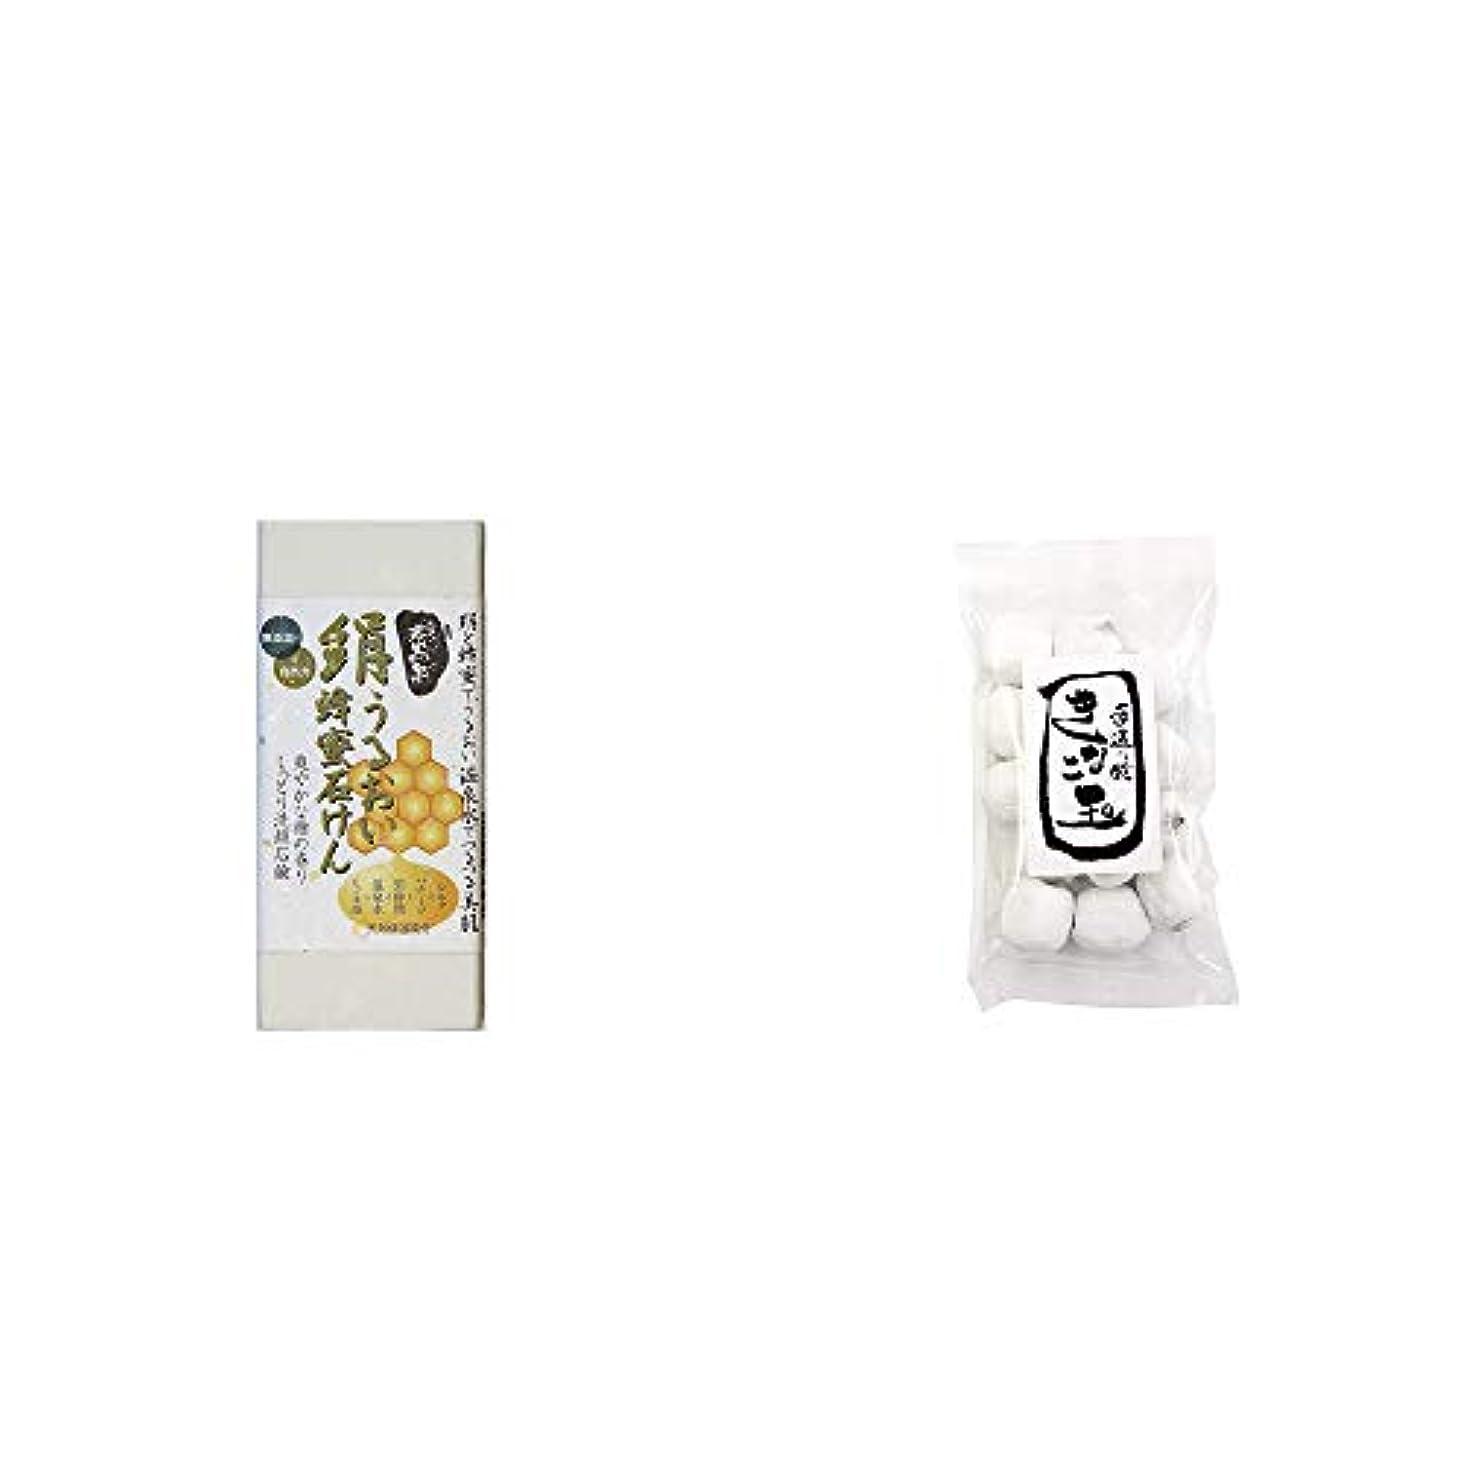 野な形容詞インシデント[2点セット] ひのき炭黒泉 絹うるおい蜂蜜石けん(75g×2)?きなこ玉(160g)